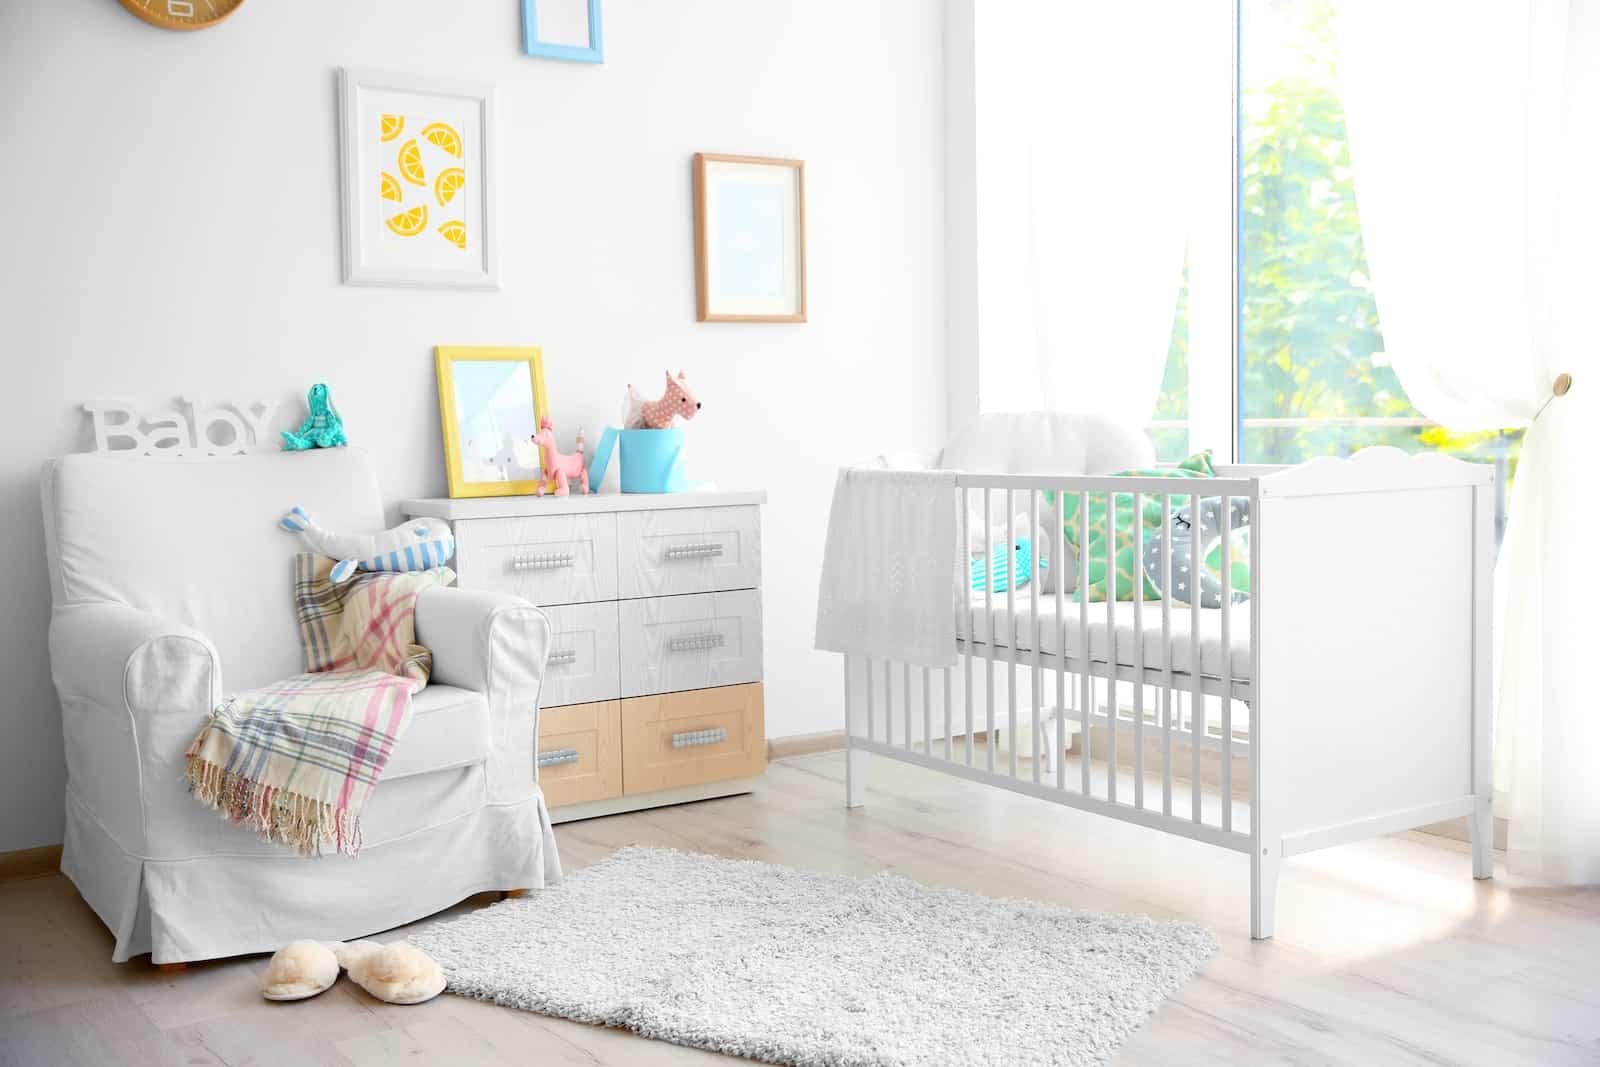 disposition des meubles dans la chambre de bébé